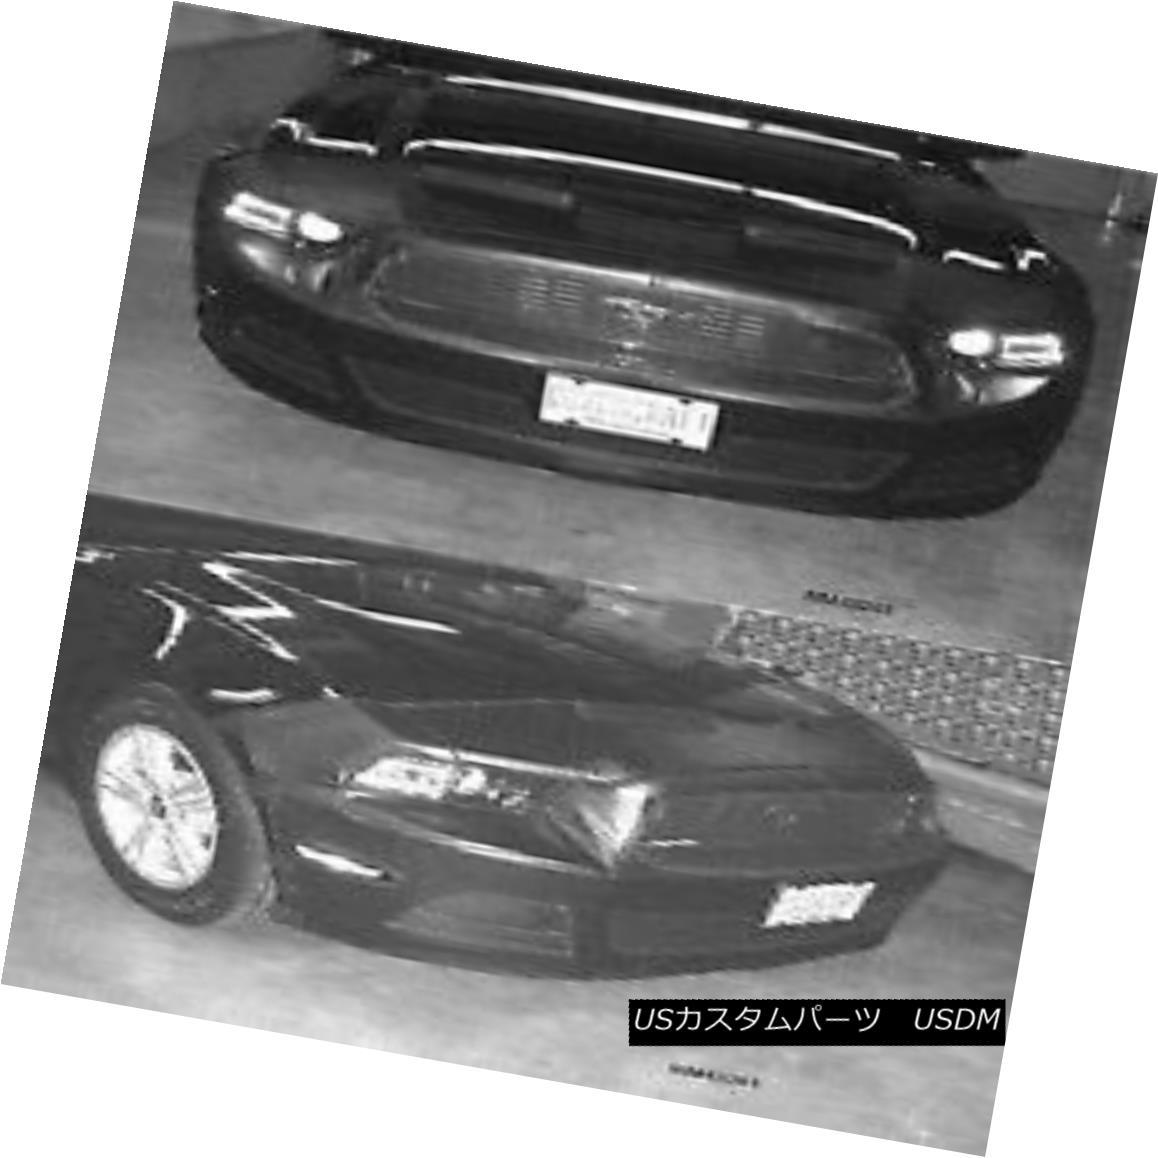 フルブラ ノーズブラ Front End Mask Car Bra Fits 2013 2014 13 14 Ford Mustang フロントエンドマスクカーブラフィット2013年2014 13 14フォードマスタング